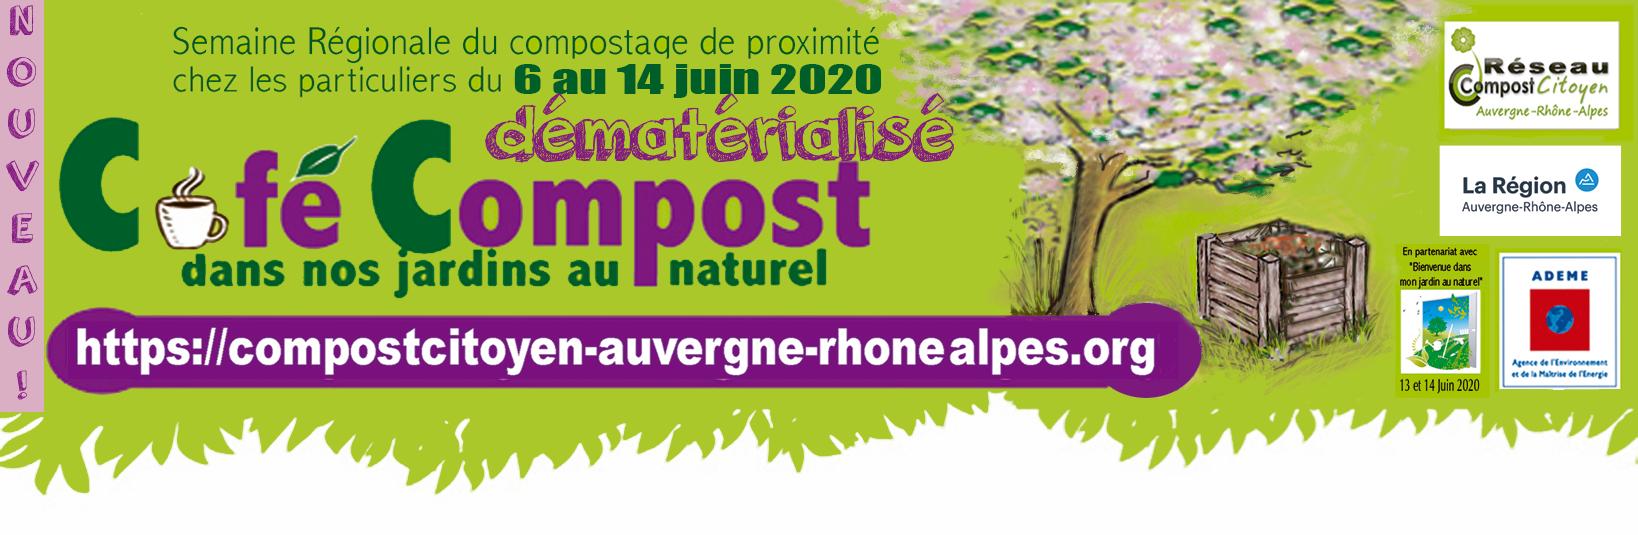 Café Compost de printemps